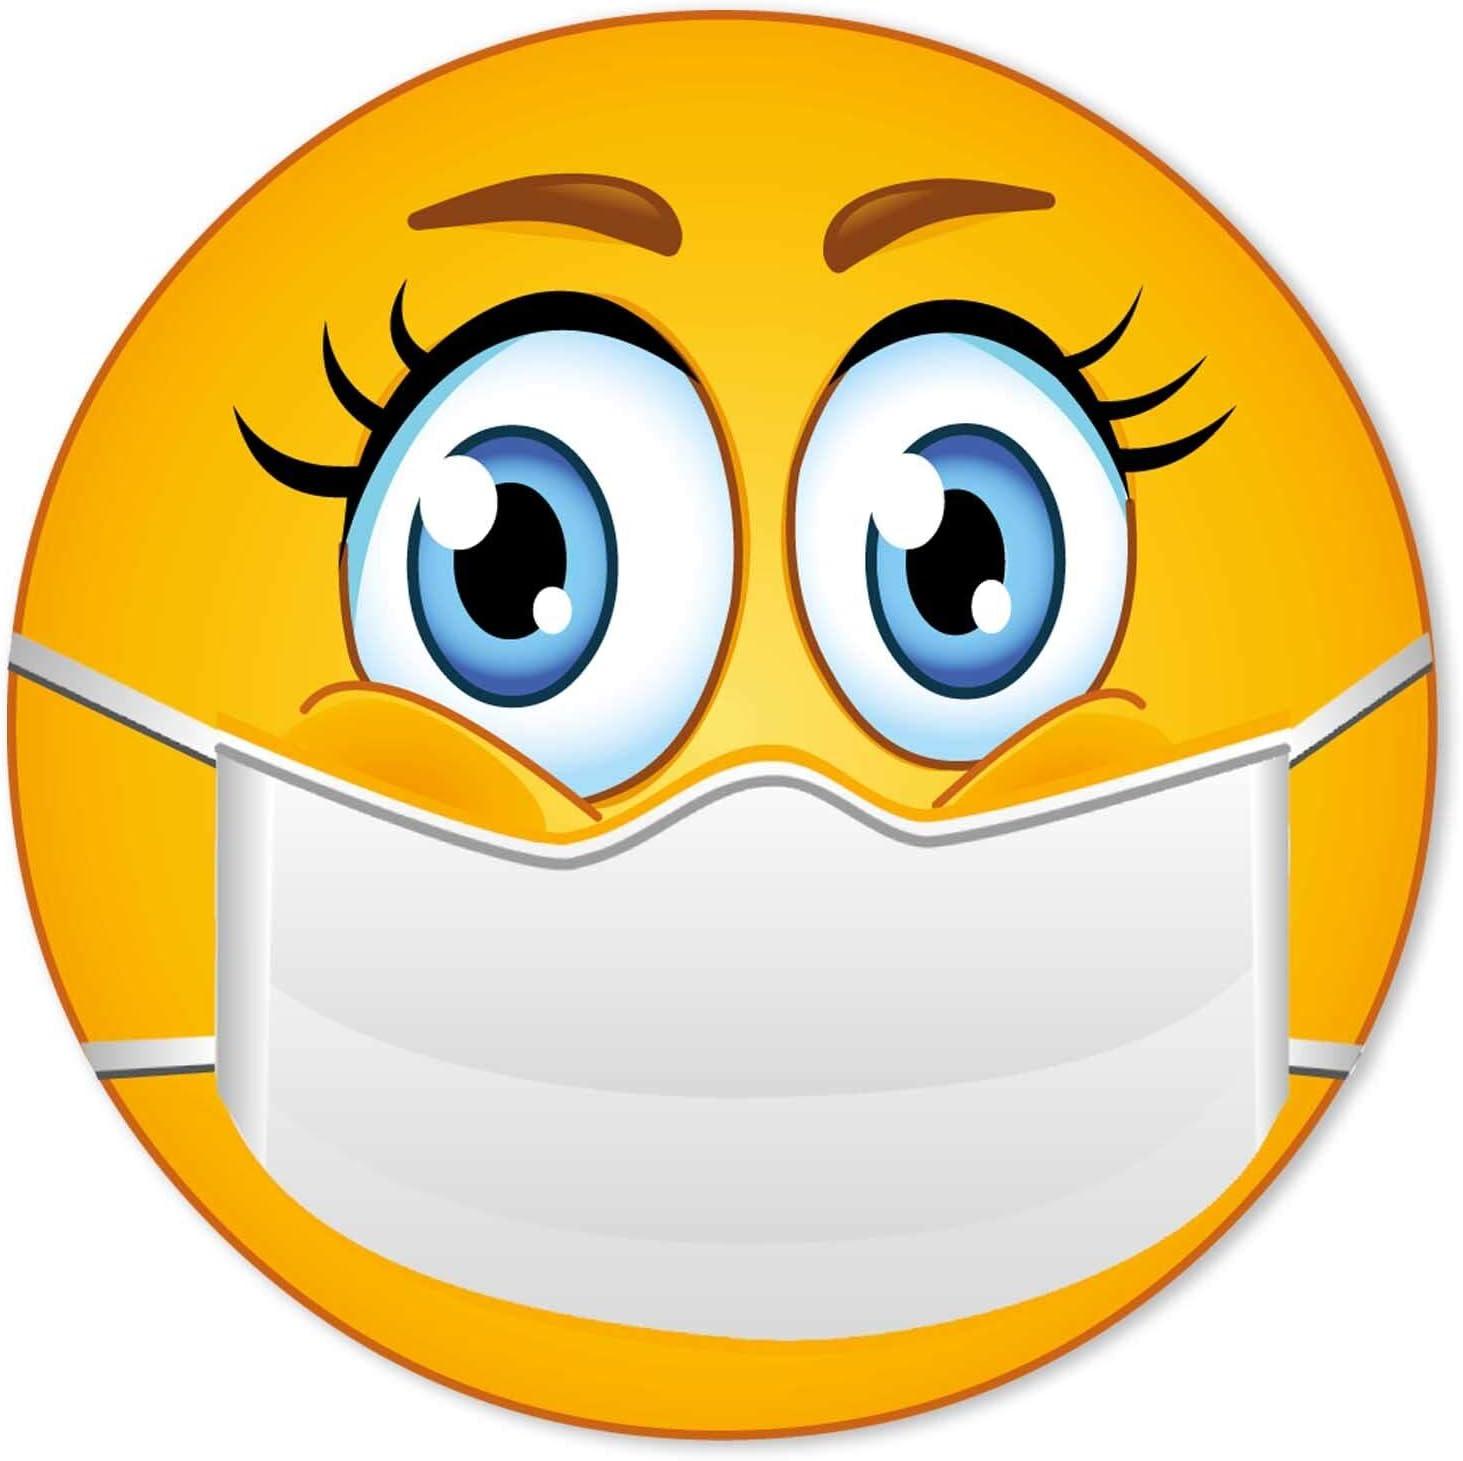 6er Aufkleber Set I Bitte Tragen Sie Einen Mundschutz I Ø 5 Cm Rund I Hinweis Klebeschildchen Nasen Mund Schutz Benutzen Mit Smiley I Für Firmen Geschäfte Praxis I Dv 831 Bürobedarf Schreibwaren